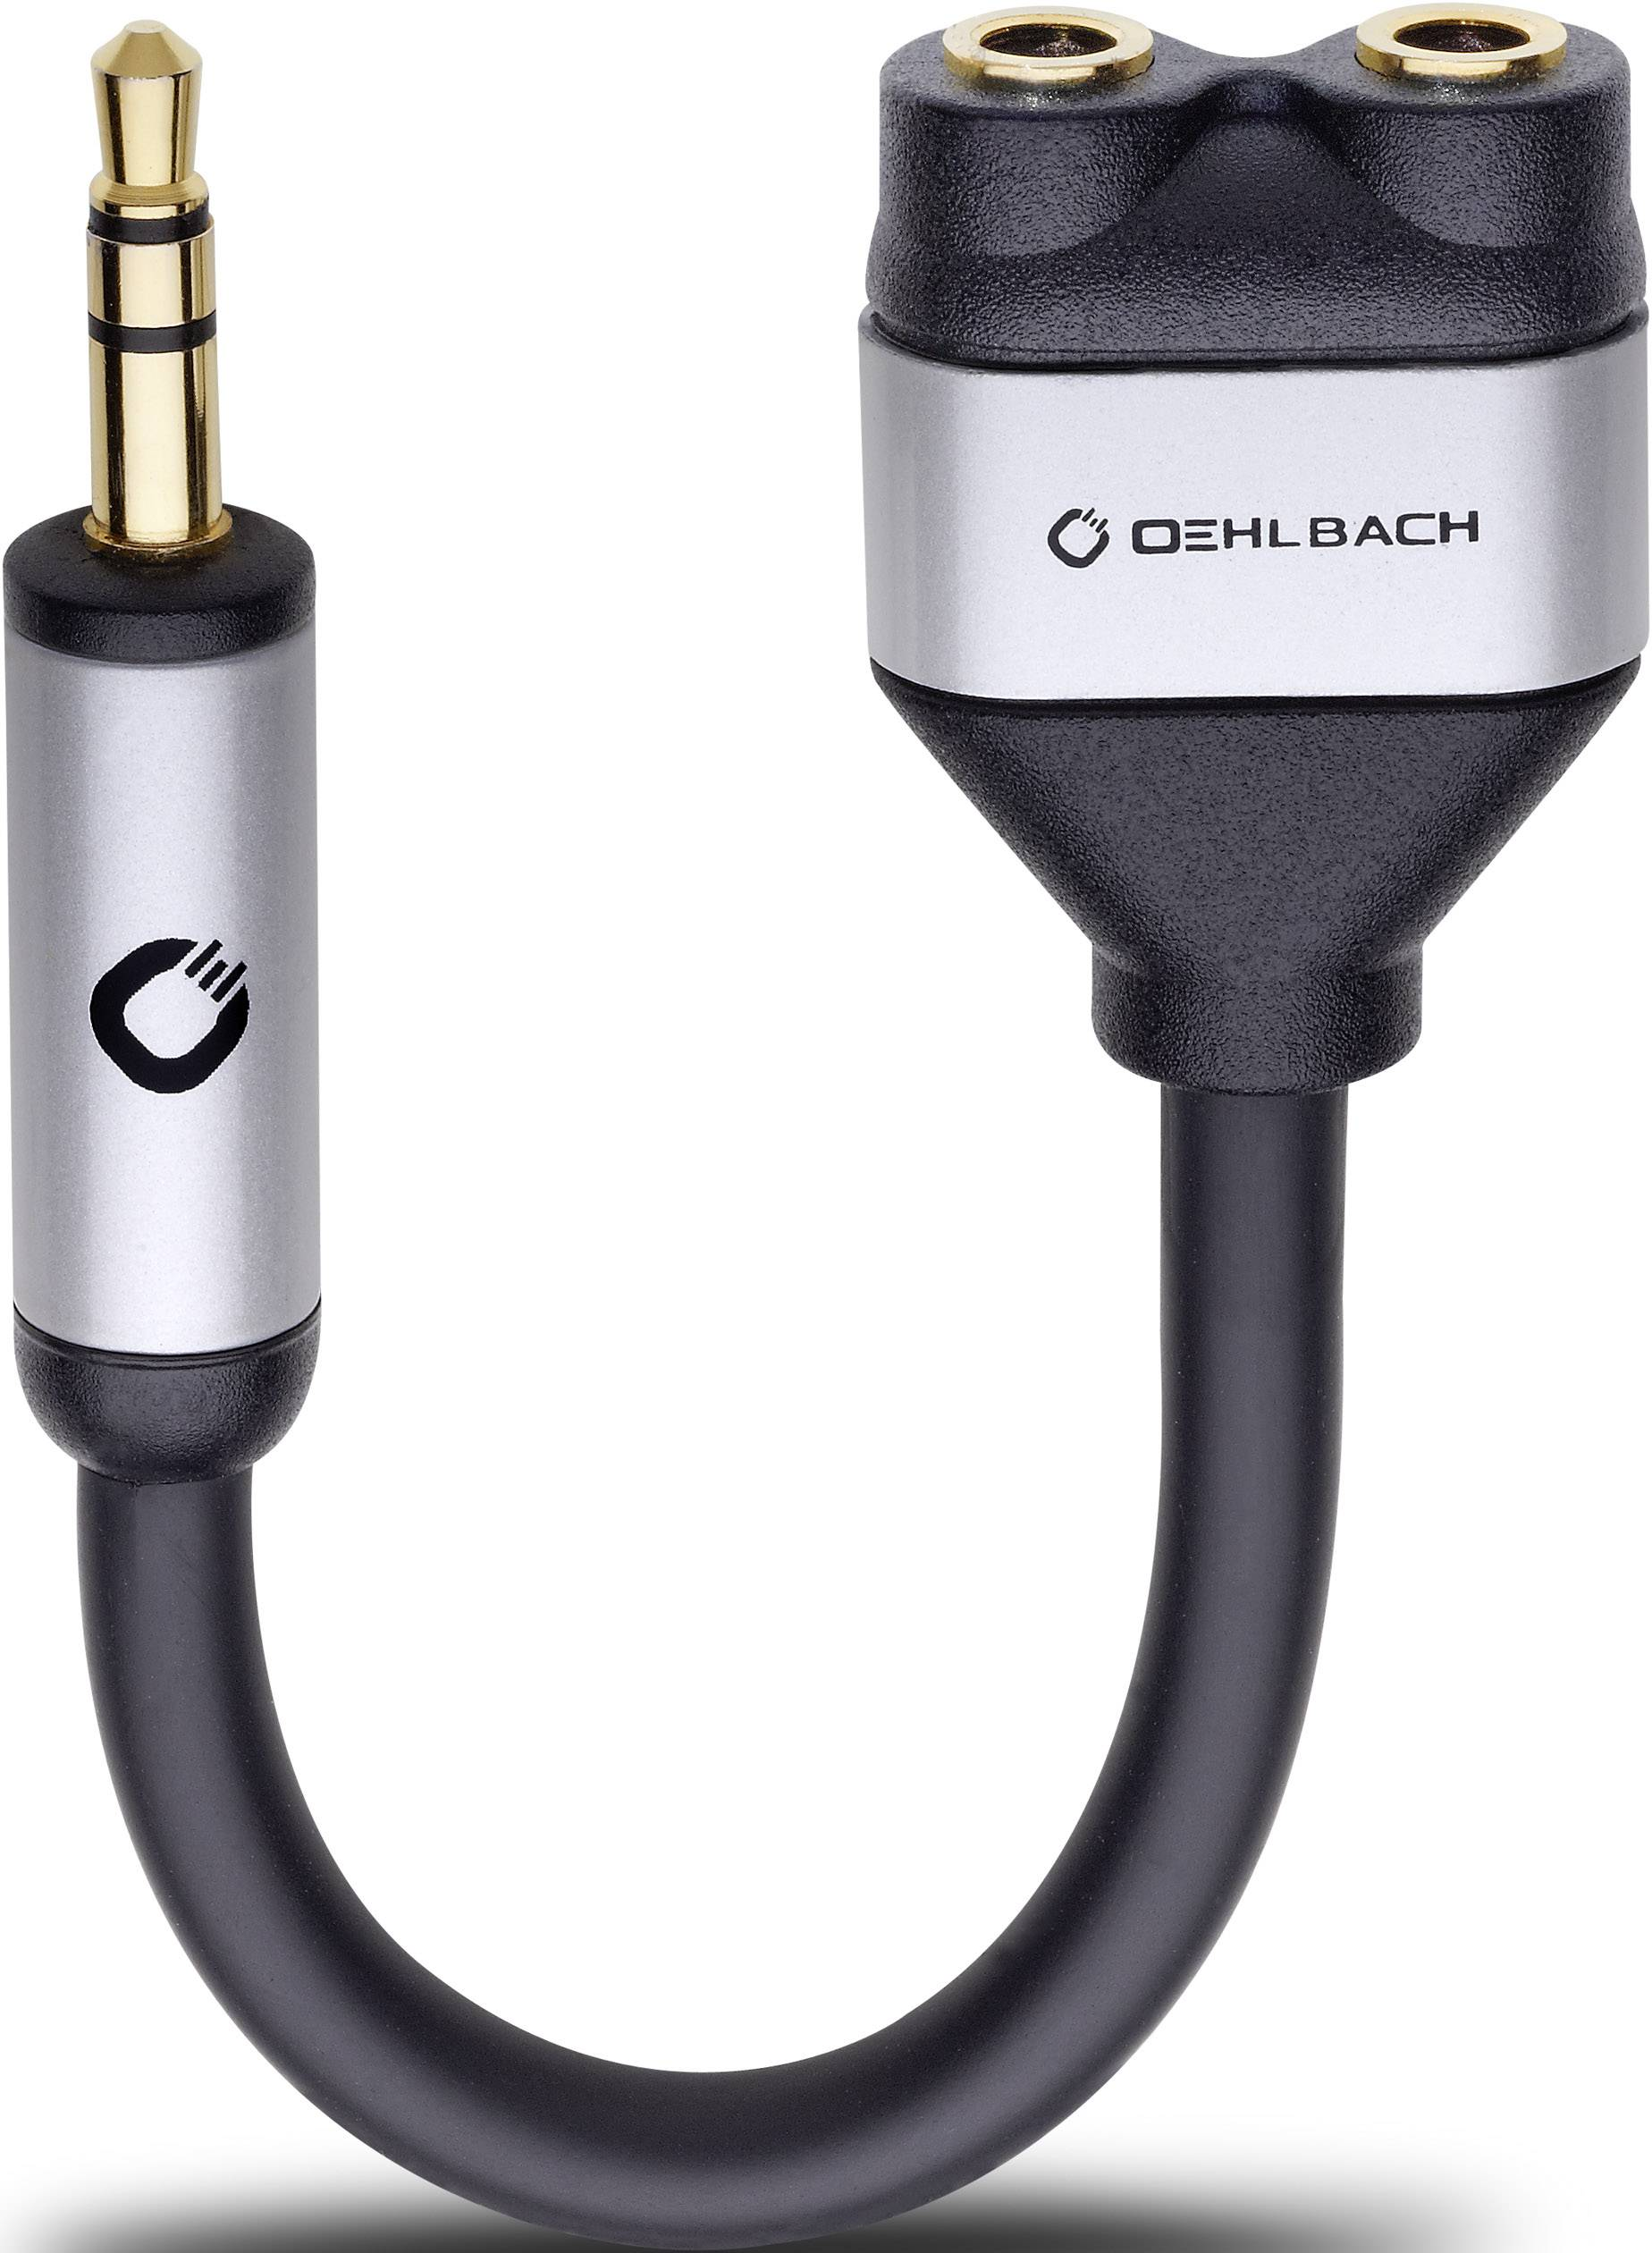 Jack audio Y adaptér Oehlbach 60021, čierna